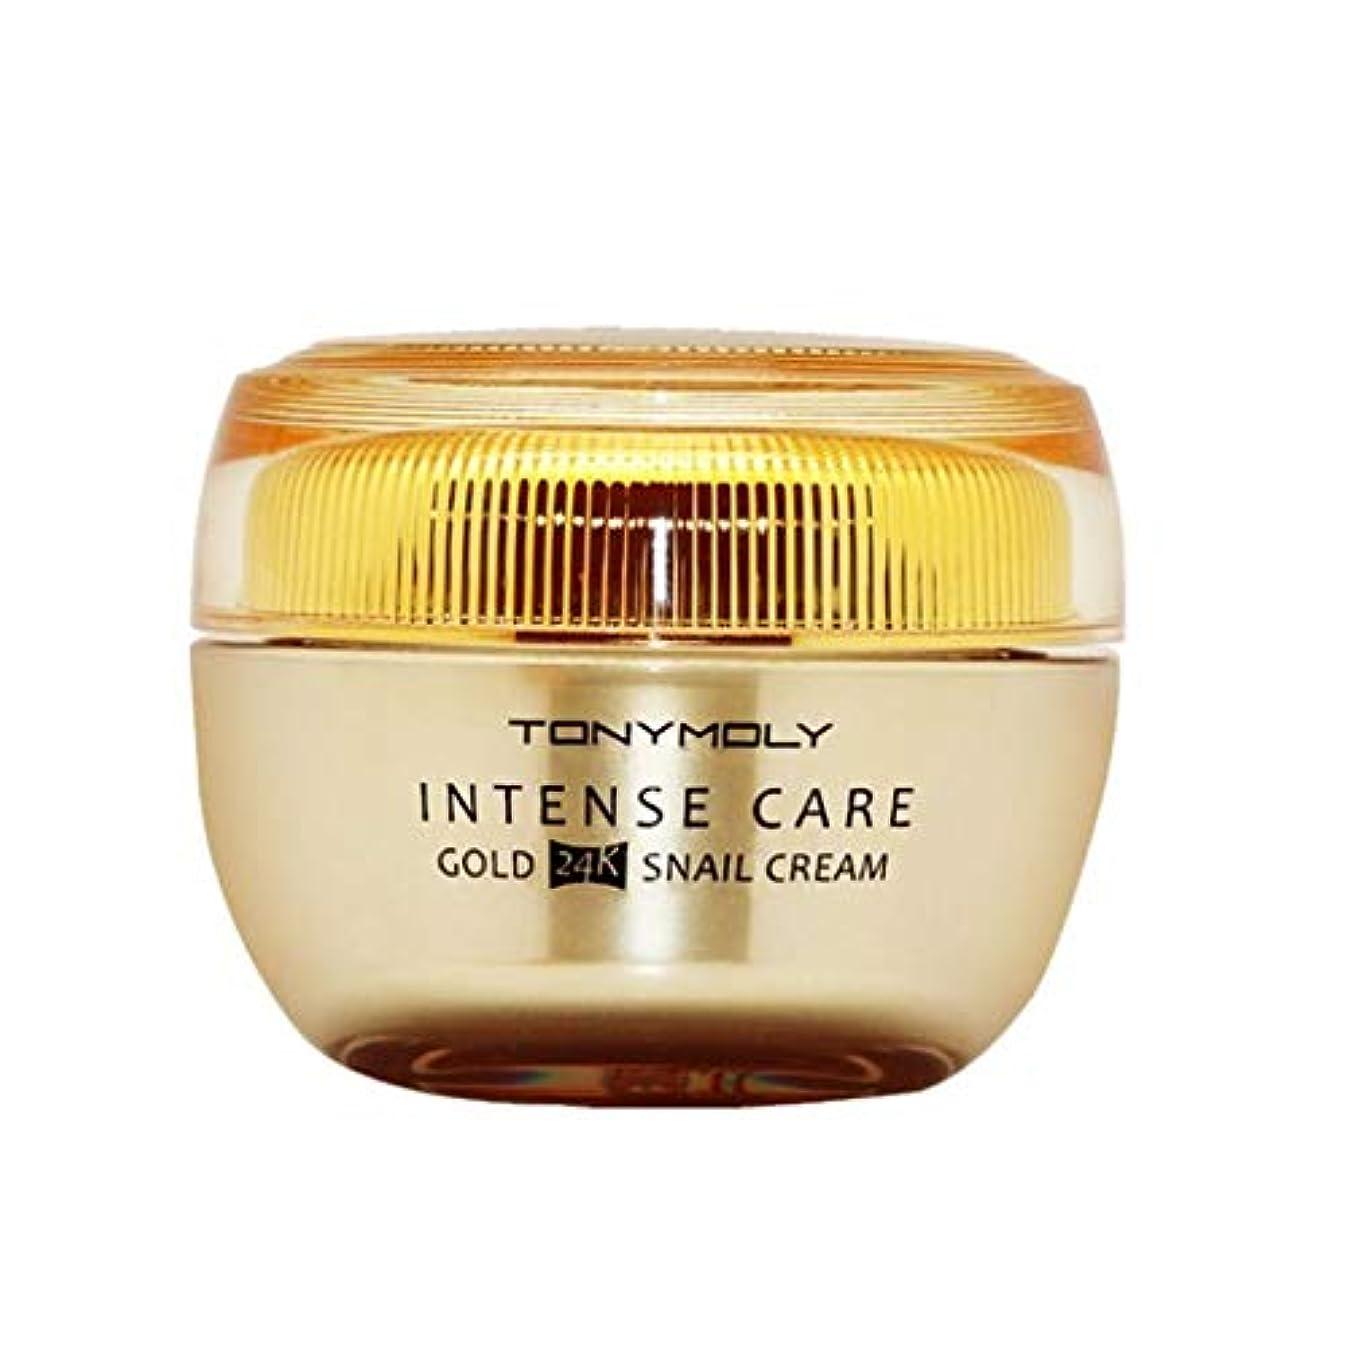 モトリー基本的なニッケルトニーモリーインテンスケアゴールド24Kスネールクリーム45ml x 2本セット美白、シワ改善クリーム、Tonymoly Intense Care Gold 24K Snail Cream 45ml x 2ea Set...